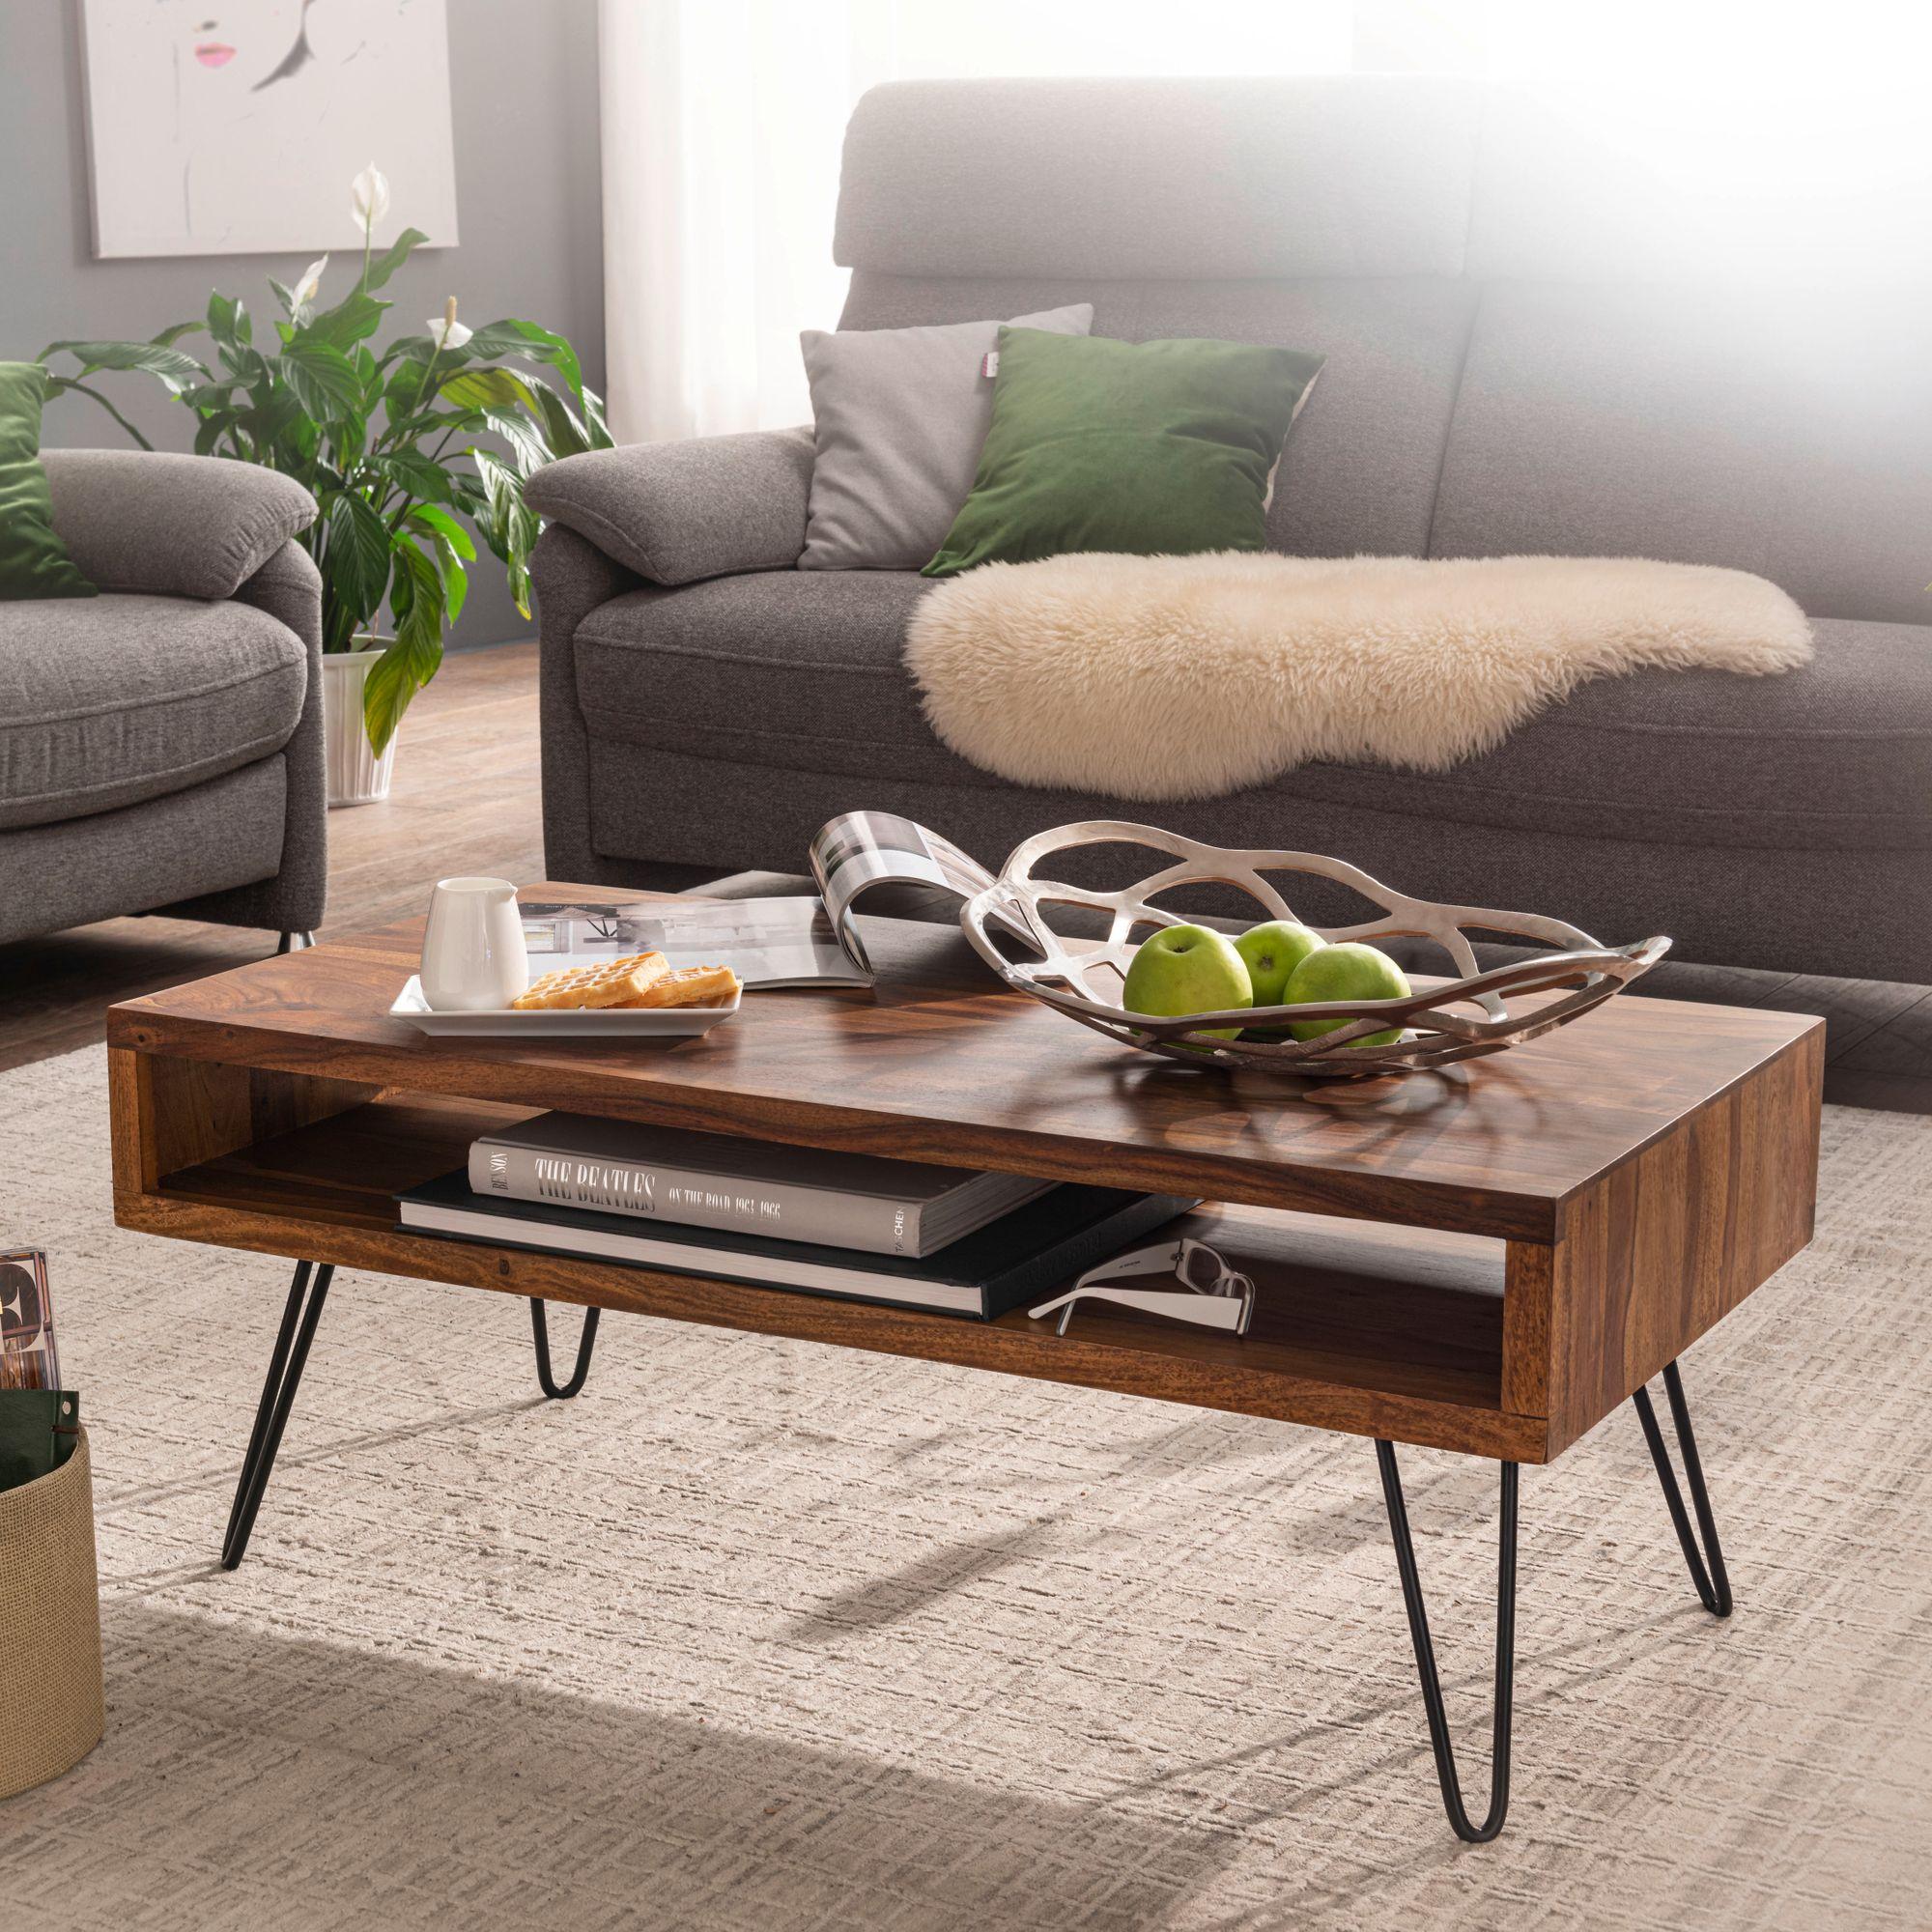 Wohnling Couchtisch 100x40x50 Cm Sheesham Massivholz Metall Sofatisch Design Wohnzimmertisch Rechteckig Kaffeetisch Massiv